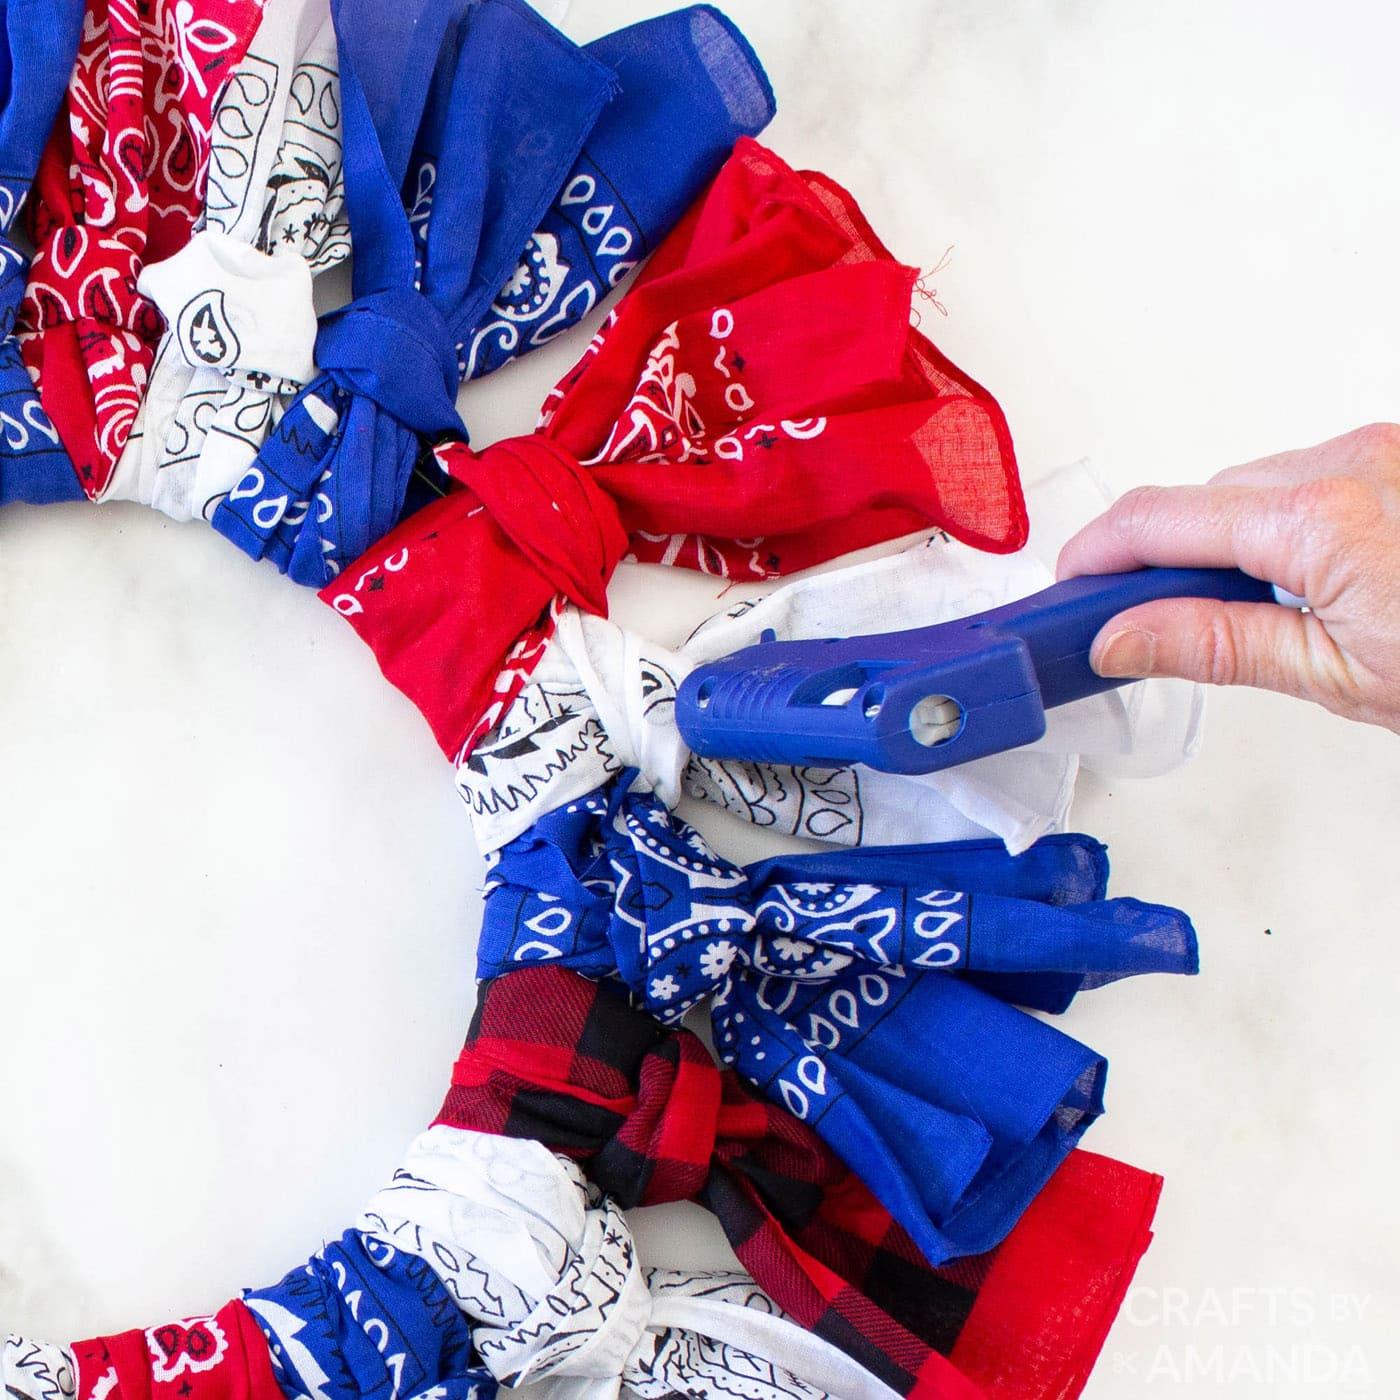 applying hot glue to bandana knots